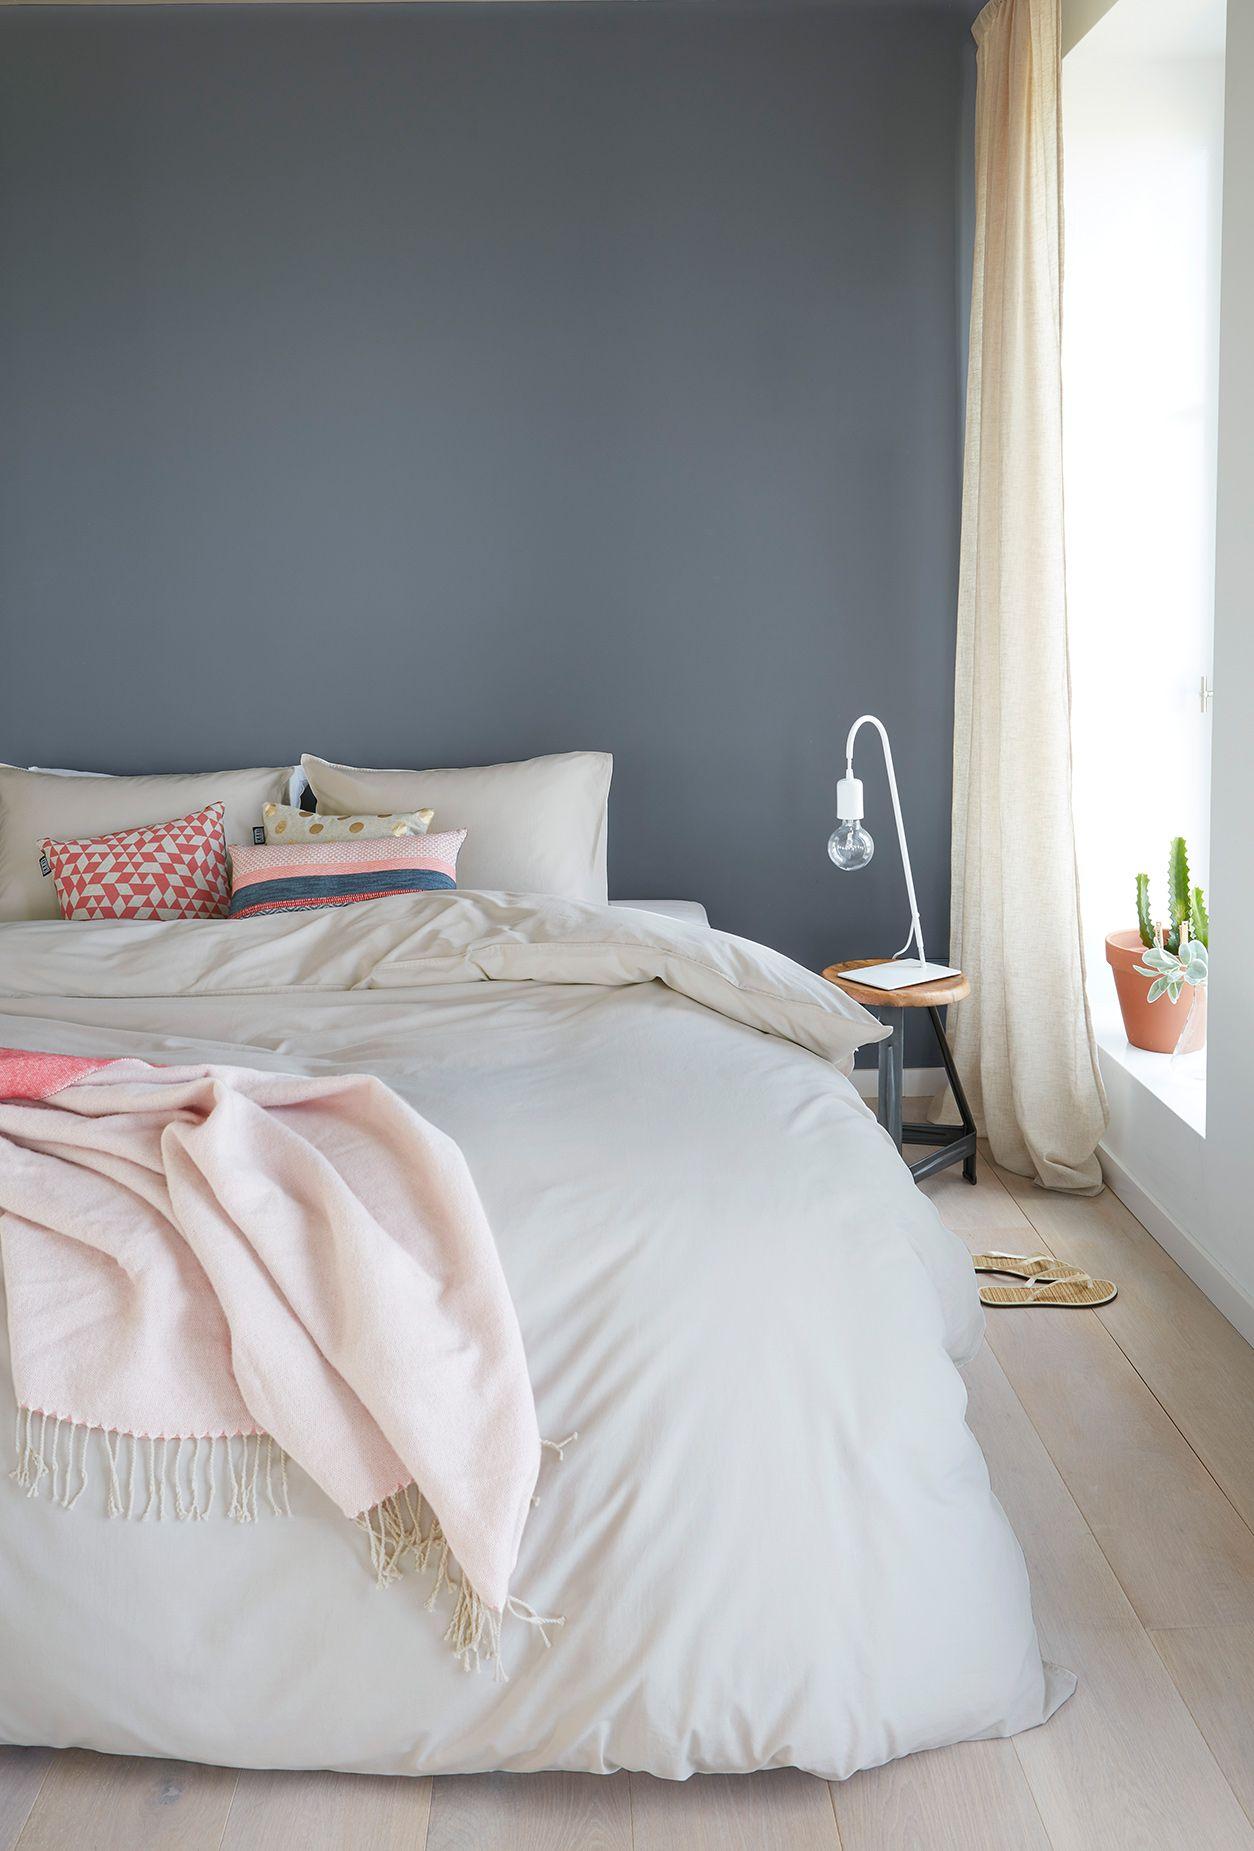 Ein hbsches BlauGrau als Wandfarbe im Schlafzimmer wwwkoloratde KOLORAT Wandfarbe